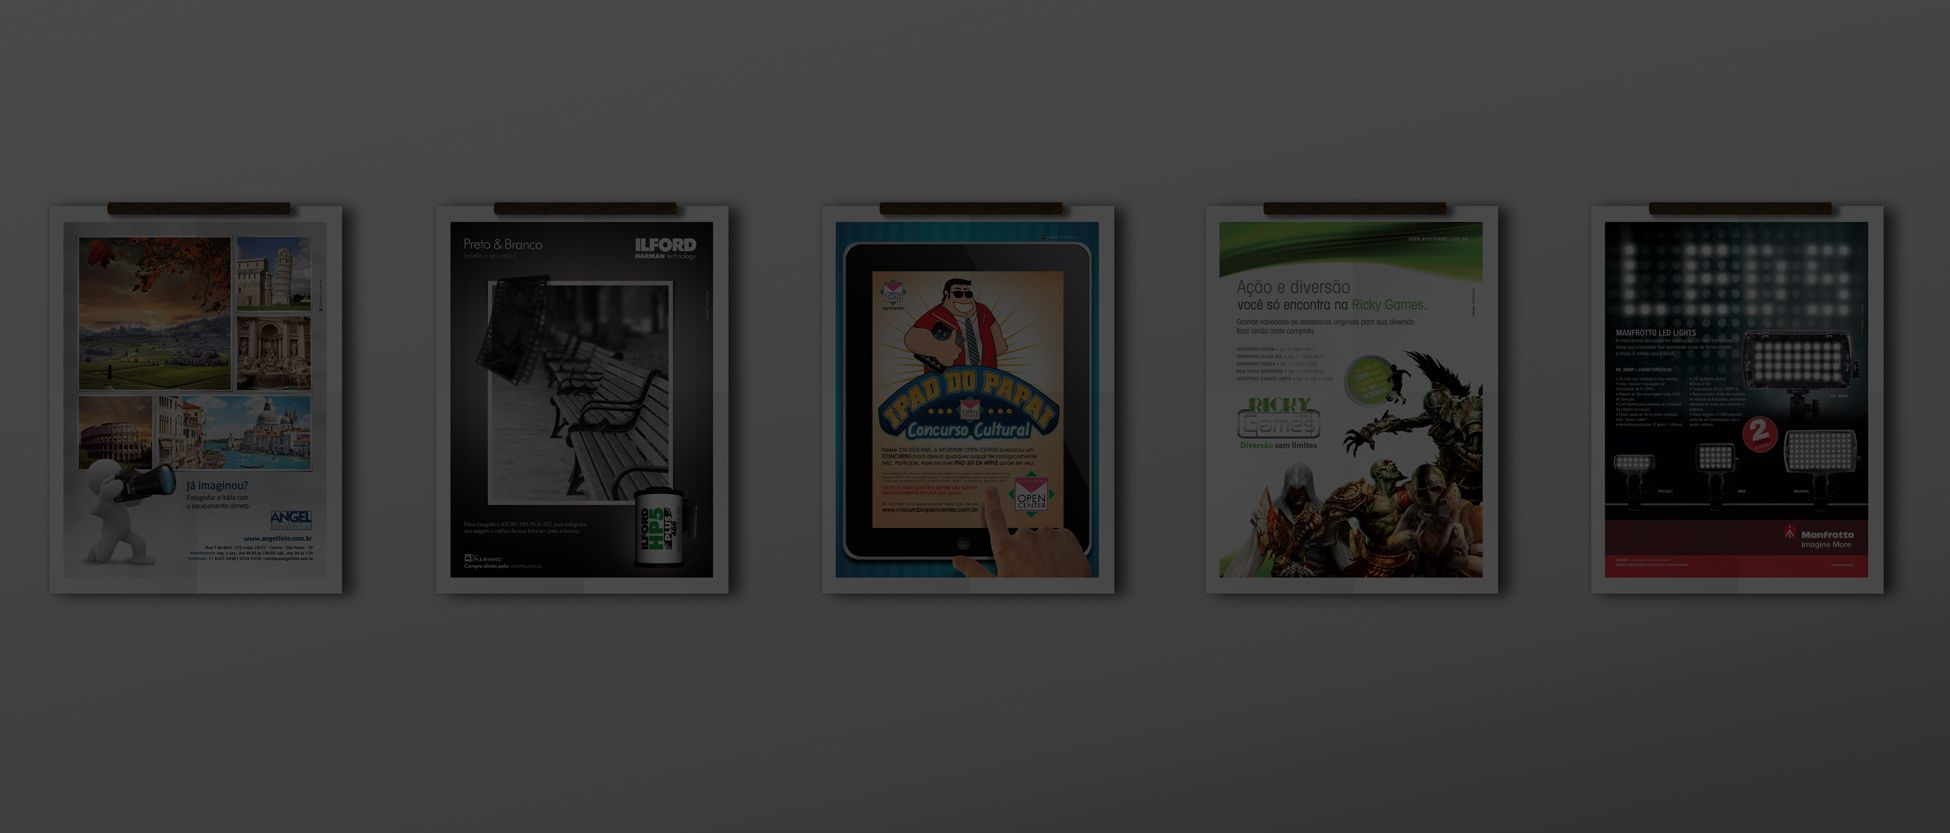 anuncios-campanha-publicitaria-criacao-cabeca-criativa-comunicacao-agencia-de-publicidade1